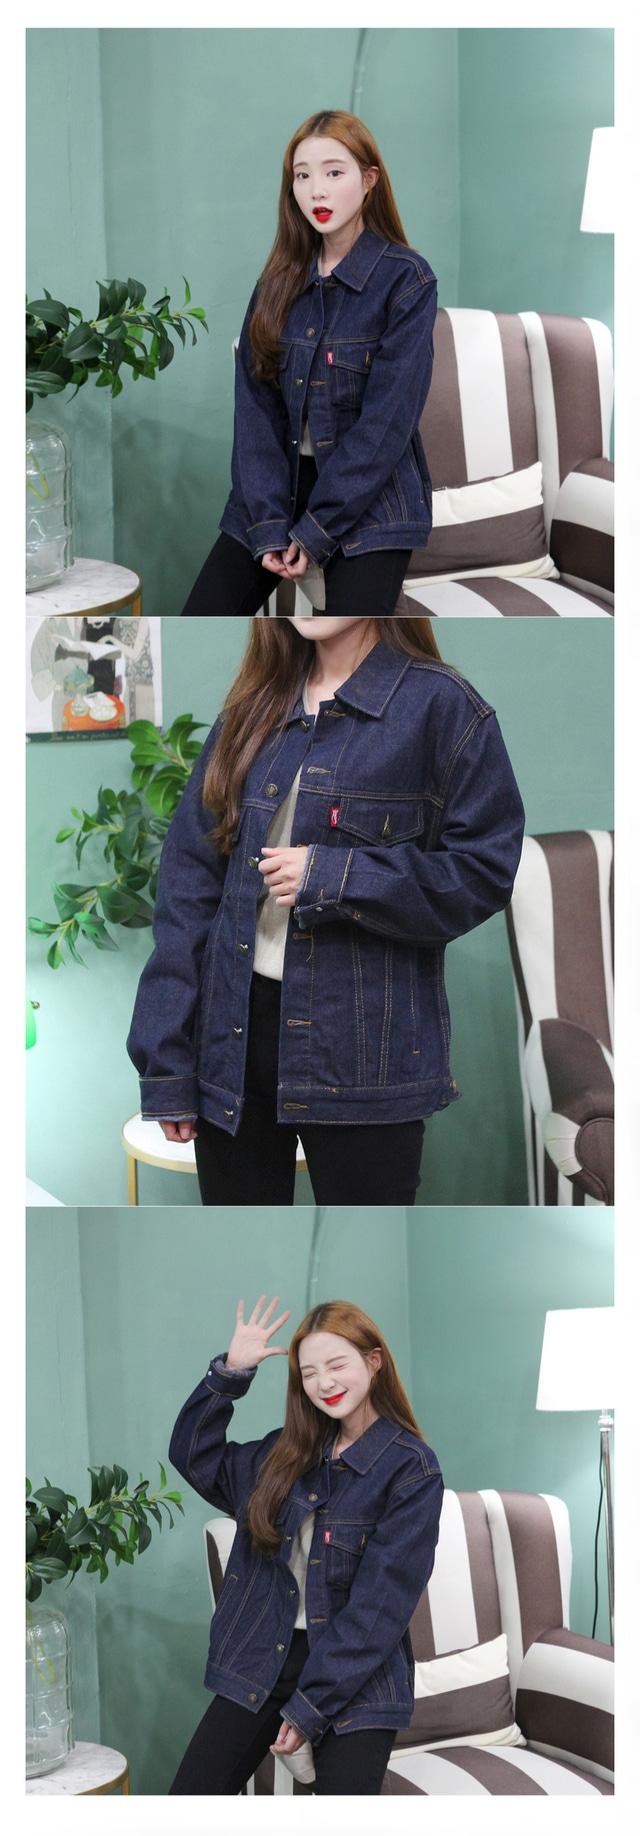 Long-sleeved kimono denim JK